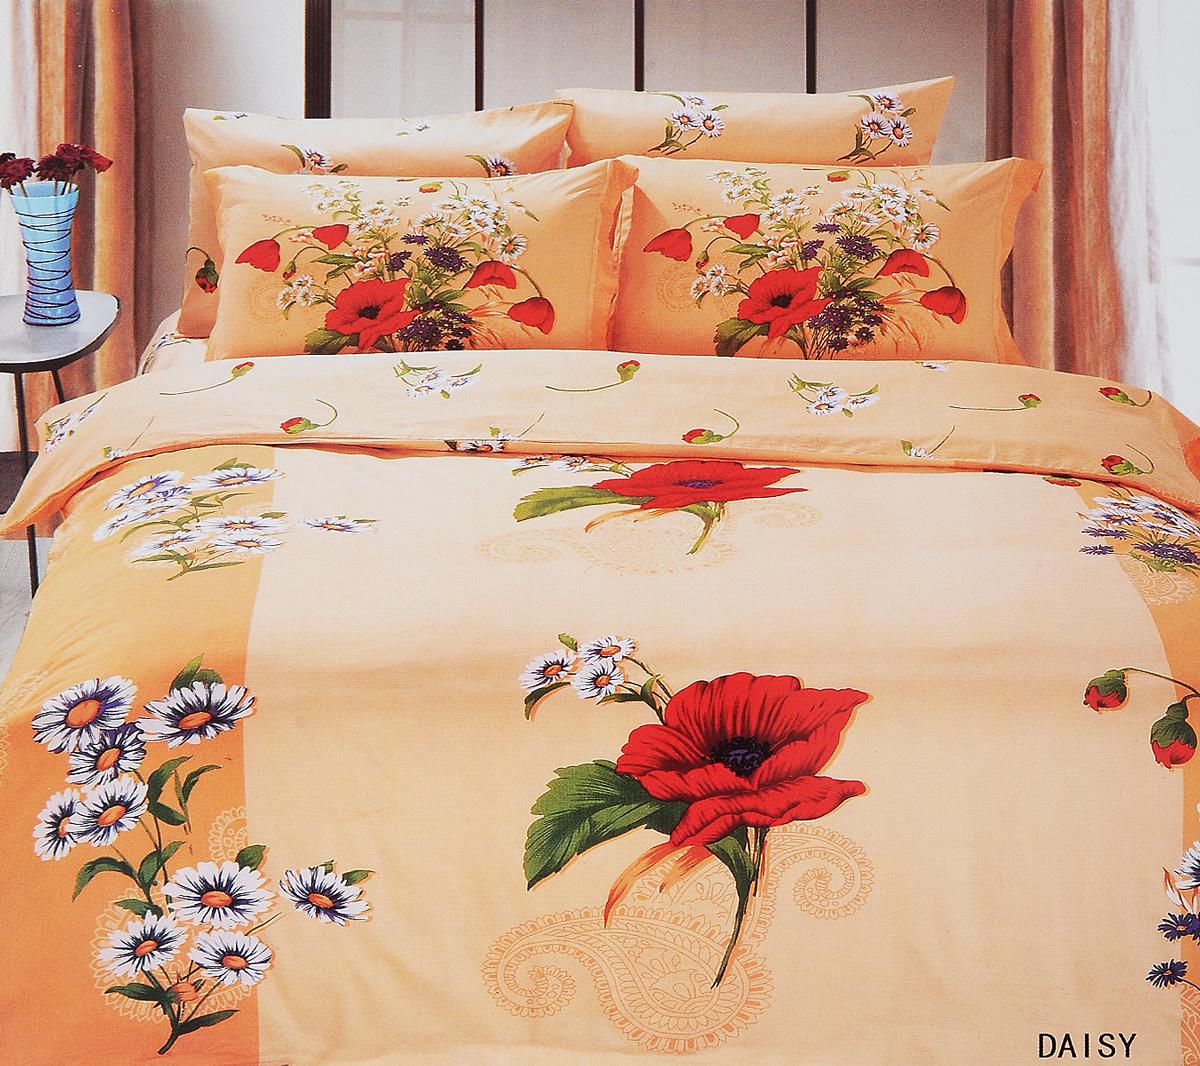 Комплект белья Le Vele Daisy, 2-спальный, наволочки 50х70740/84Комплект постельного белья Le Vele Daisy, выполненный из сатина (100% хлопка), создан для комфорта и роскоши. Комплект состоит из пододеяльника, простыни и 4 наволочек. Постельное белье оформлено оригинальным рисунком. Пододеяльник застегивается на кнопки, что позволяет одеялу не выпадать из него. Сатин - хлопчатобумажная ткань полотняного переплетения, одна из самых красивых, прочных и приятных телу тканей, изготовленных из натурального волокна. Благодаря своей шелковистости и блеску сатин называют хлопковым шелком. Приобретая комплект постельного белья Le Vele Daisy, вы можете быть уверены в том, что покупка доставит вам и вашим близким удовольствие и подарит максимальный комфорт.